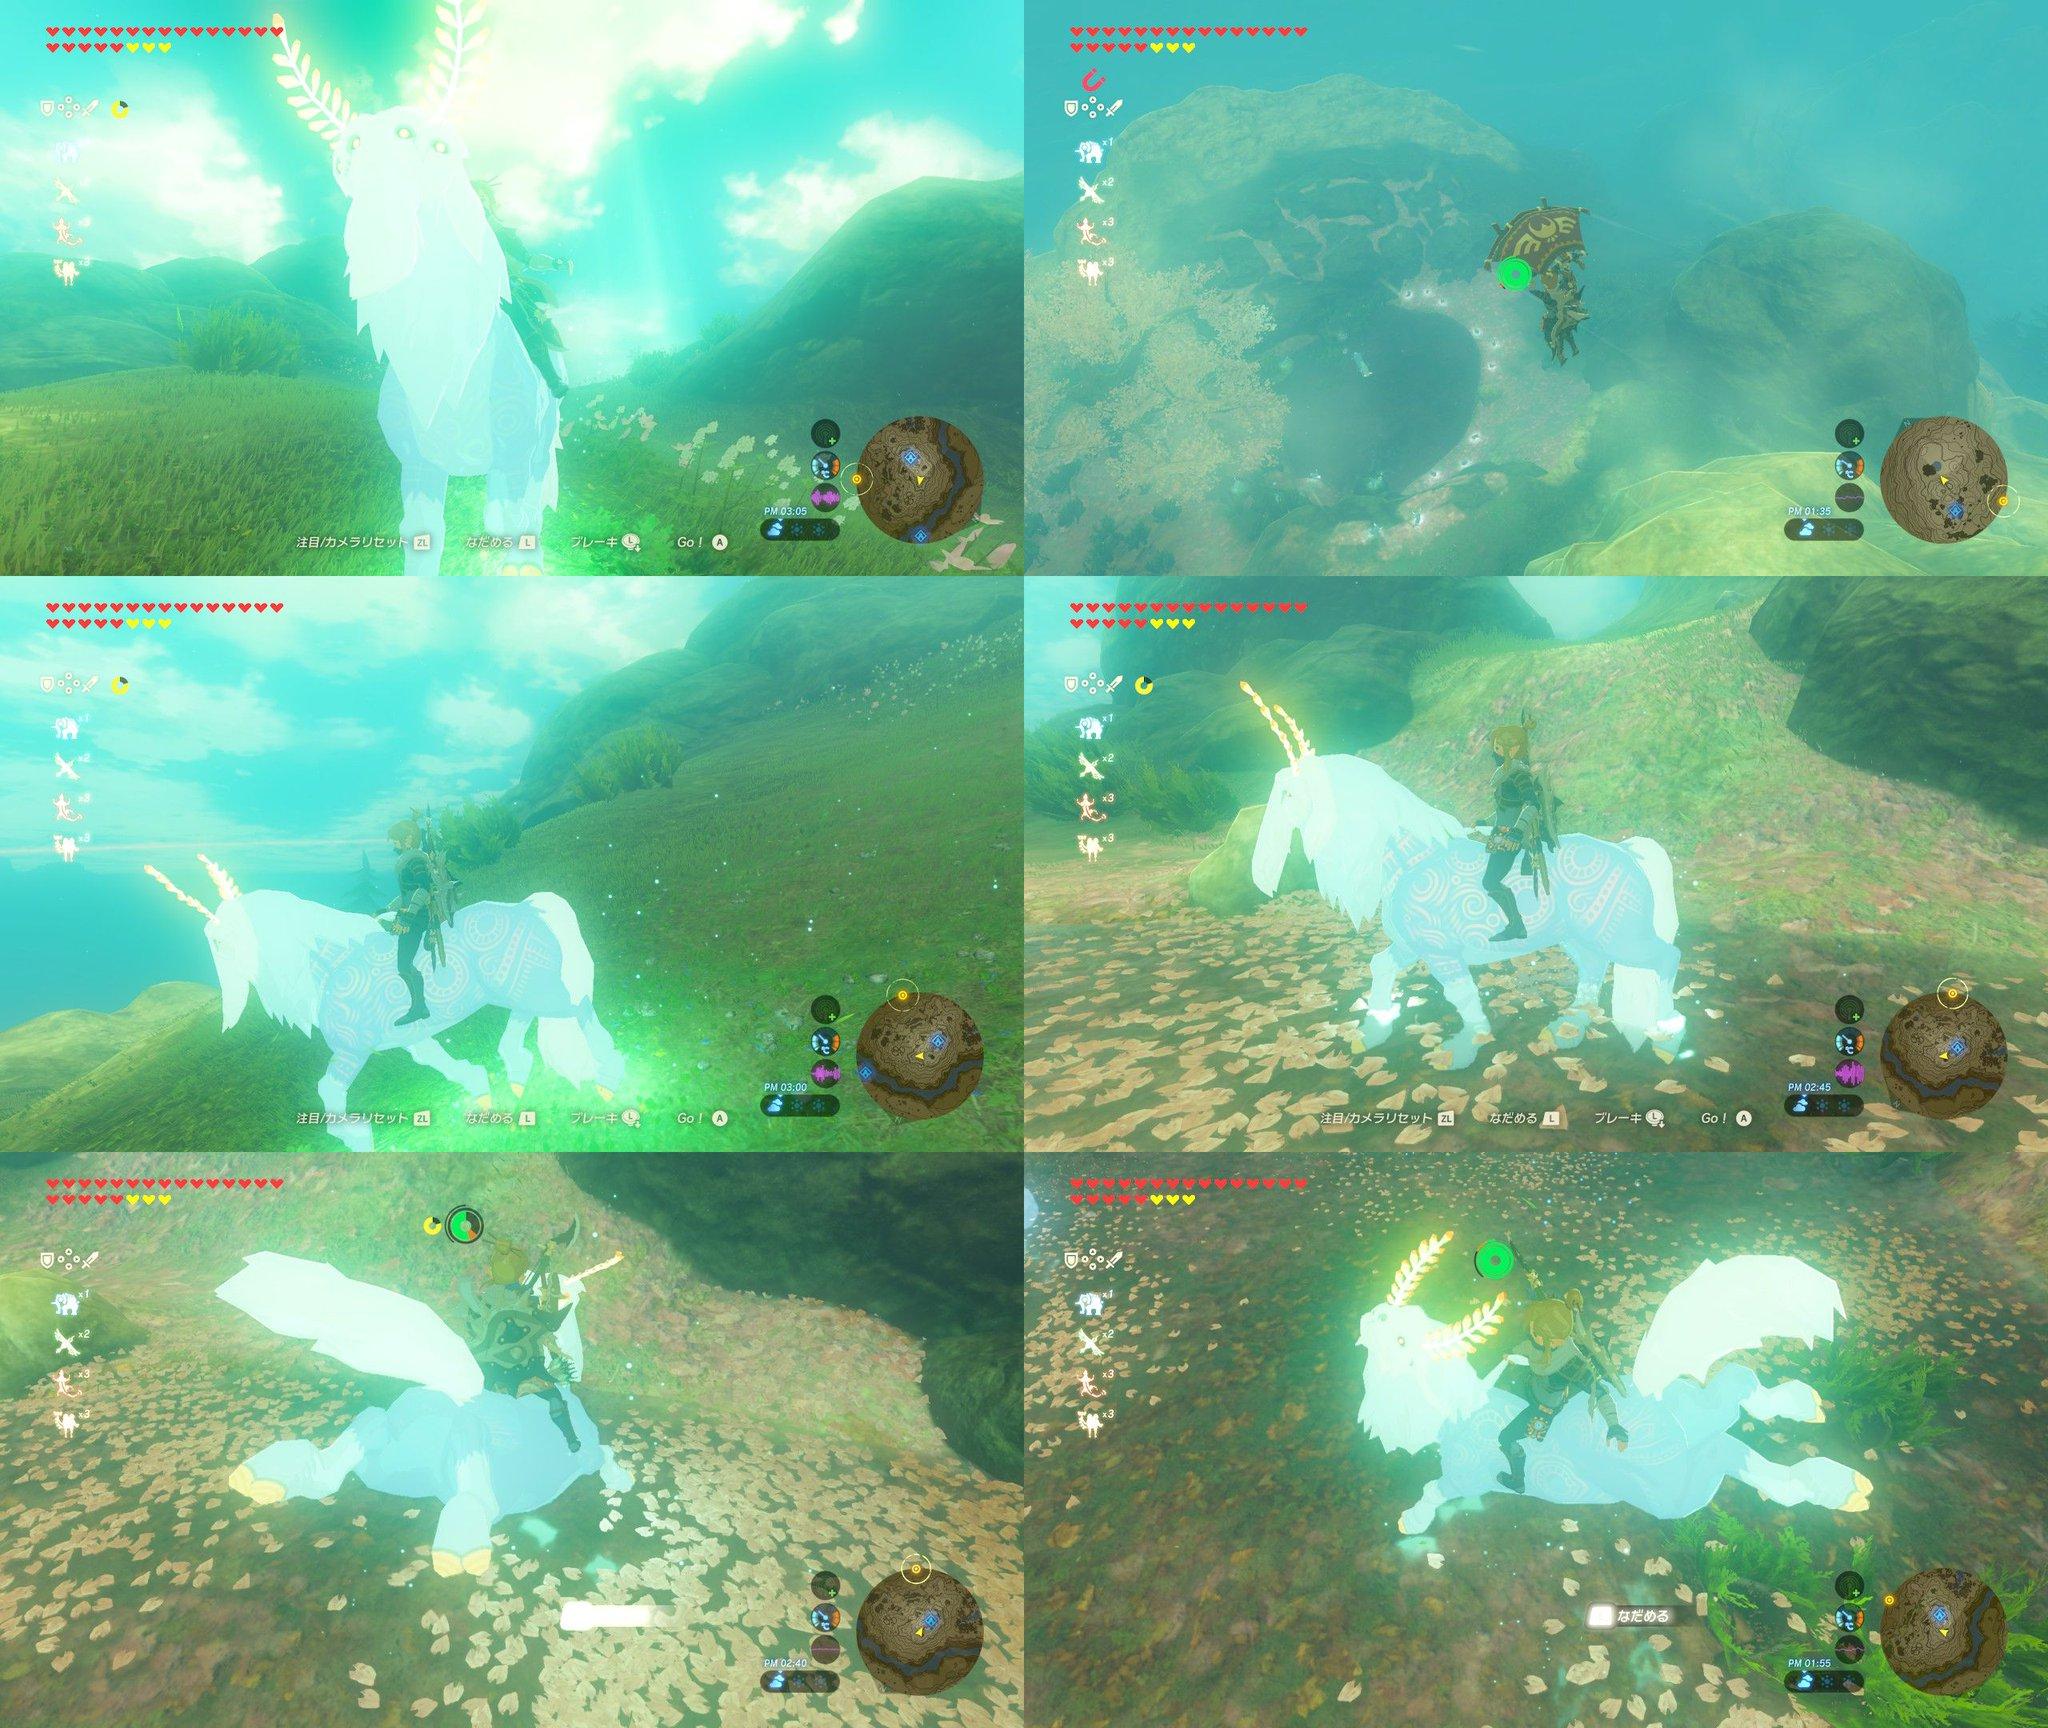 サトリ山のヌシをパラセールで上空から近づいてようやく捕まえた。どうどう🐴 #ゼルダの伝説 #BreathoftheWild #NintendoSwitch https://t.co/3ZZ4CABxm6